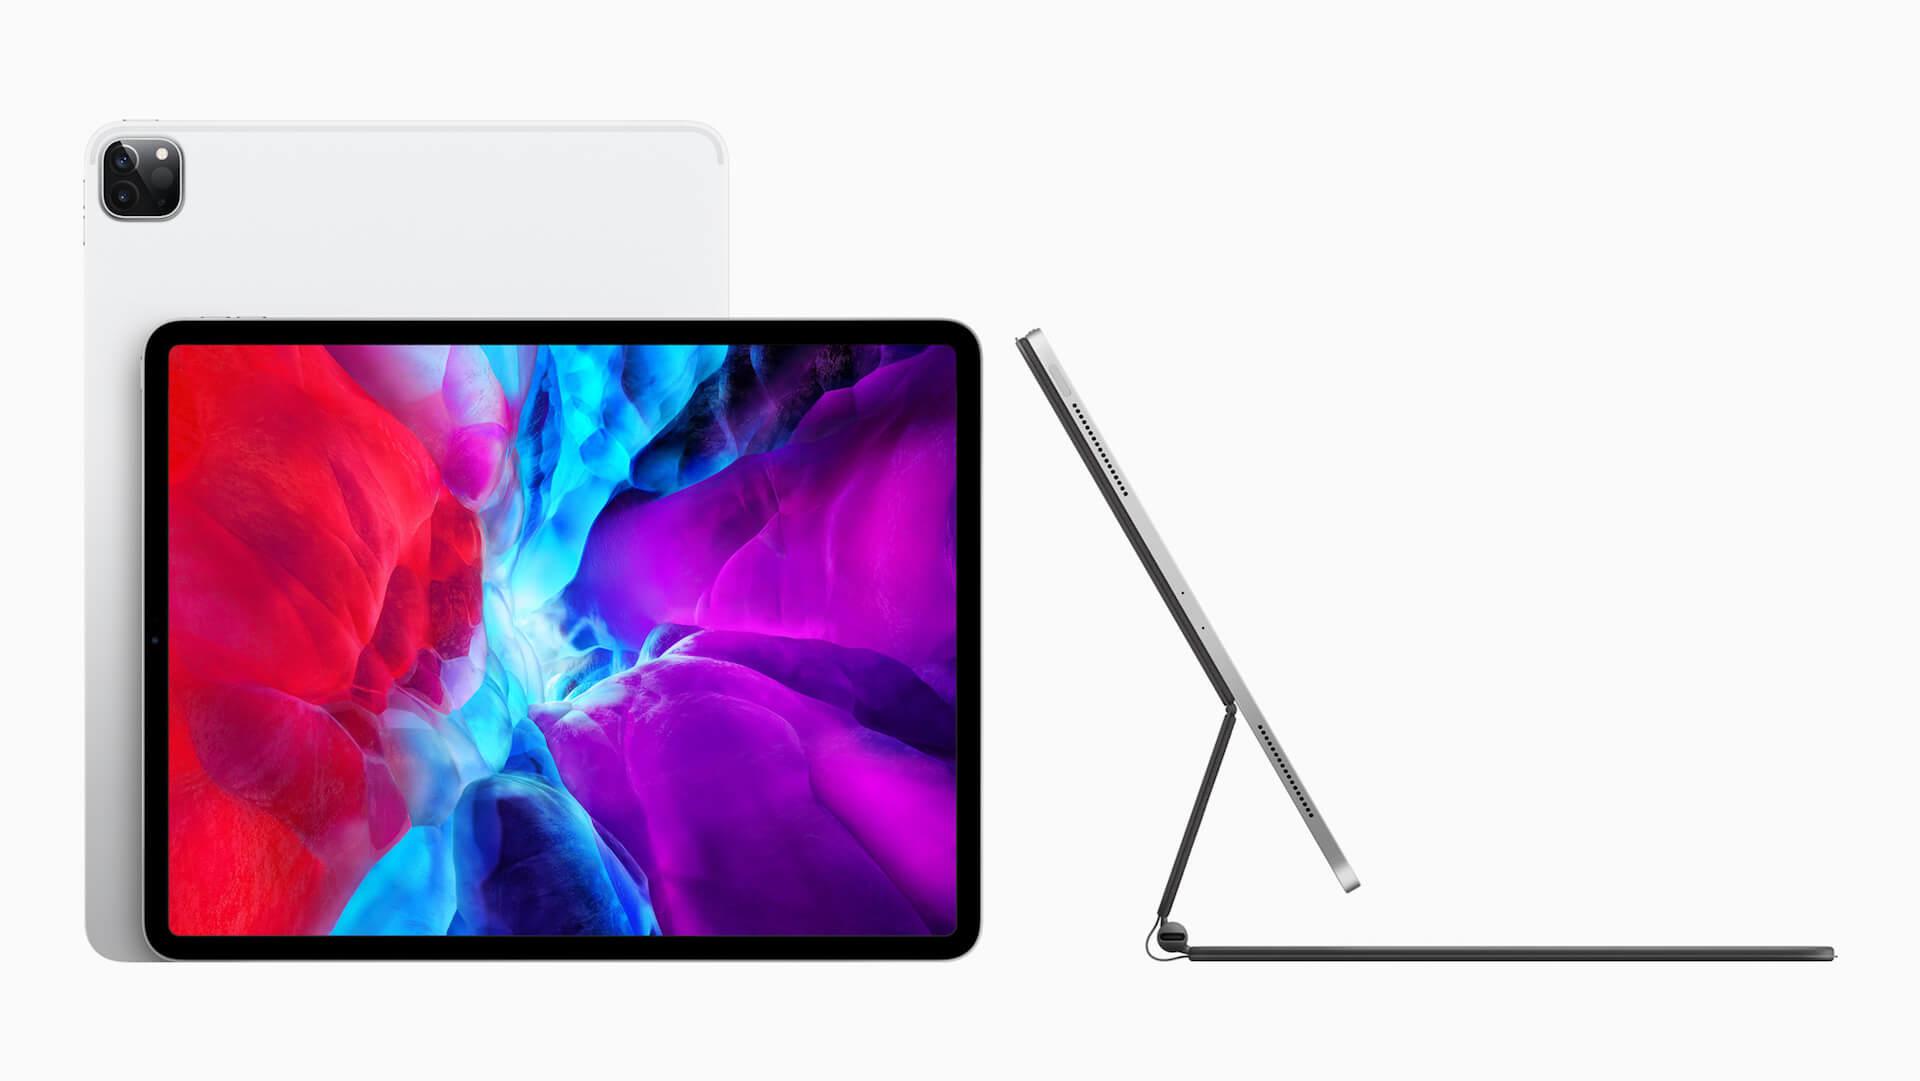 今年上半期発表とうわさの第5世代iPad ProのCADデータがリーク?デザインはあまり変わらずか tech210113_ipadpro_1